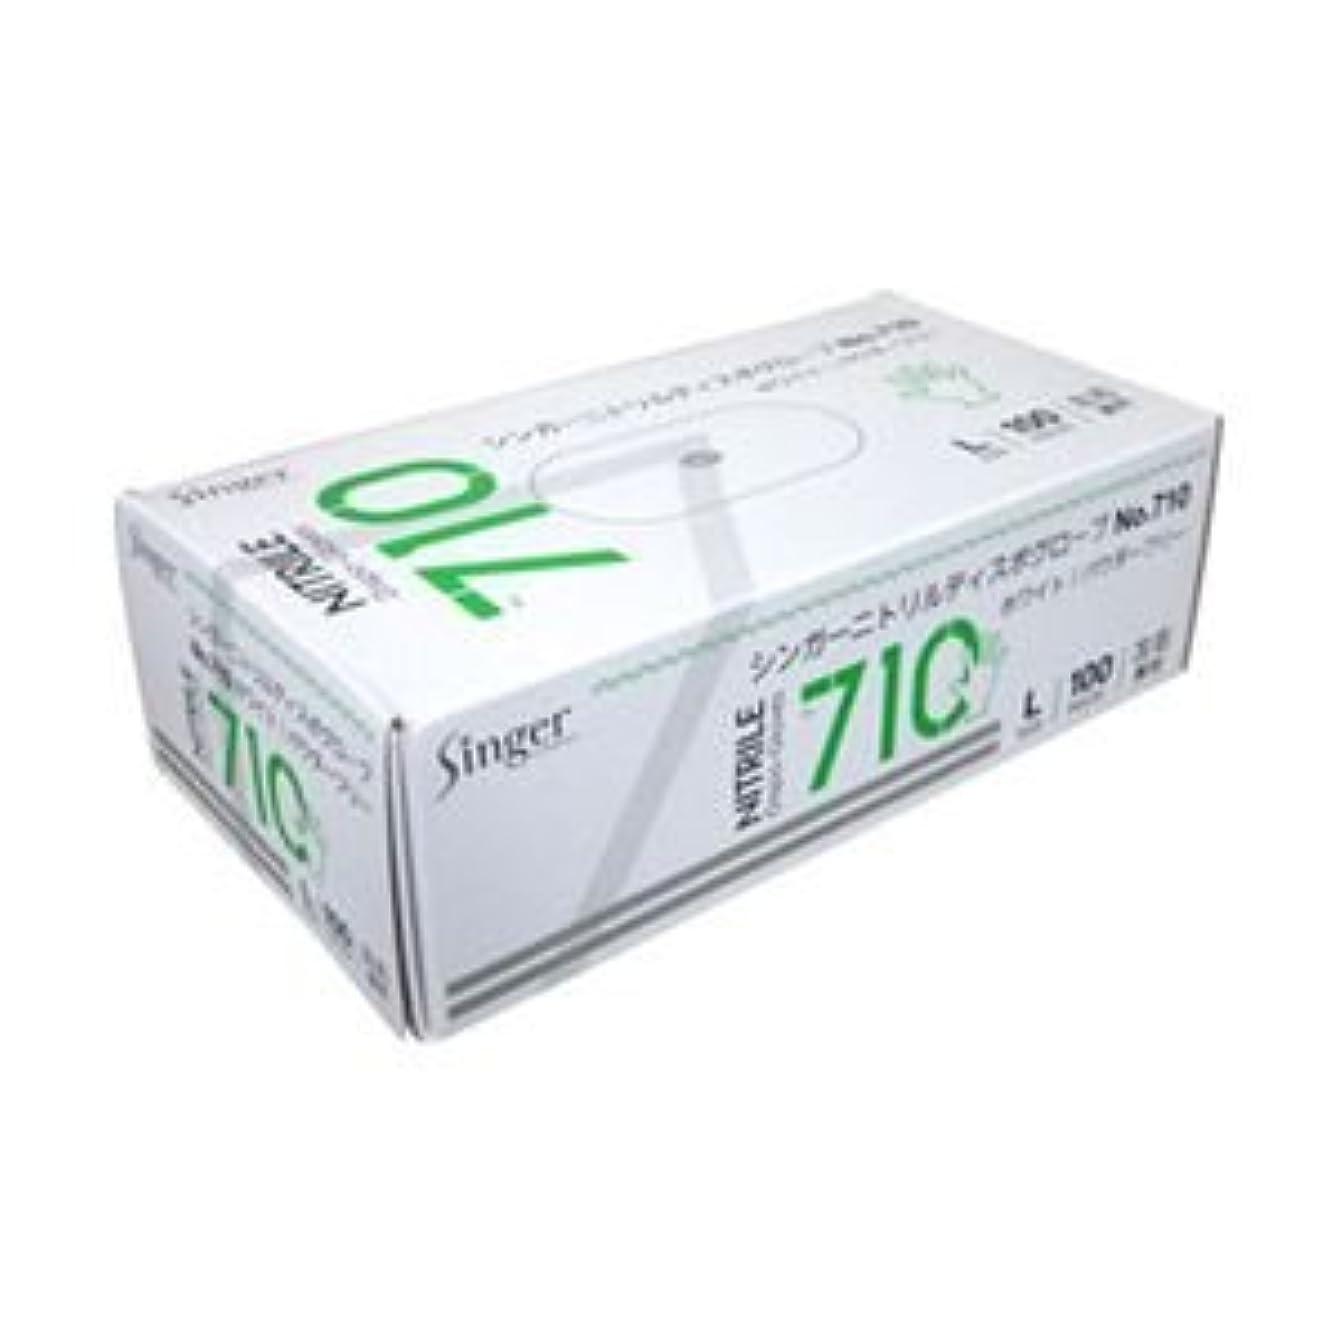 宇都宮製作 ニトリル手袋 粉なし ホワイト L 1箱(100枚) ×5セット